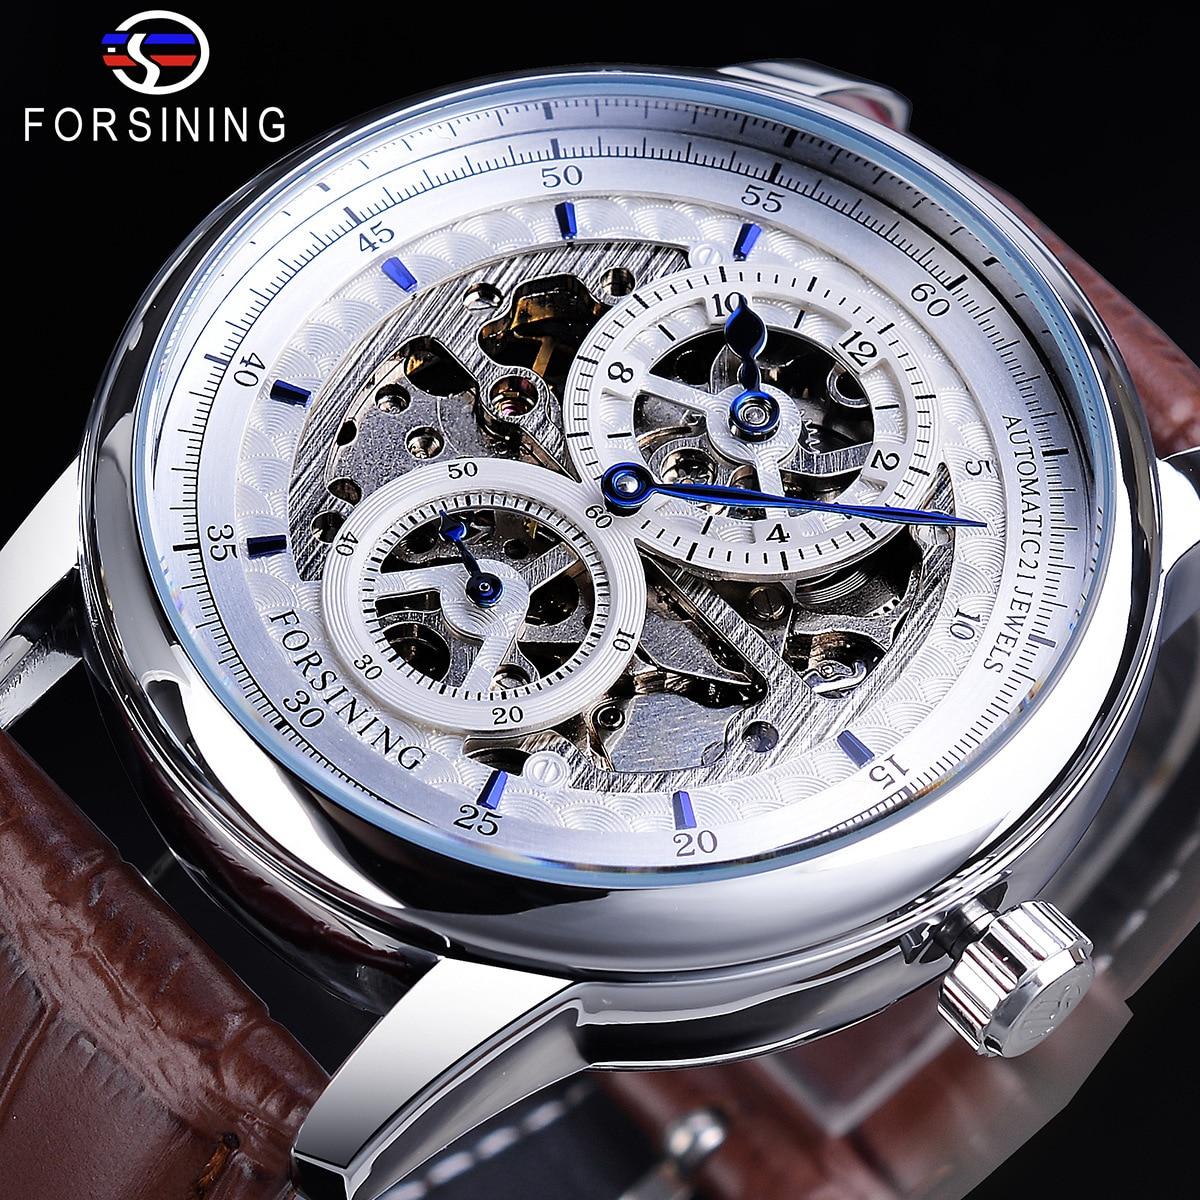 Europeia e Americana Moda Masculina Três Pinos Separação Movimento Dial Relógio Mecânico Automático Forsining366 Oco